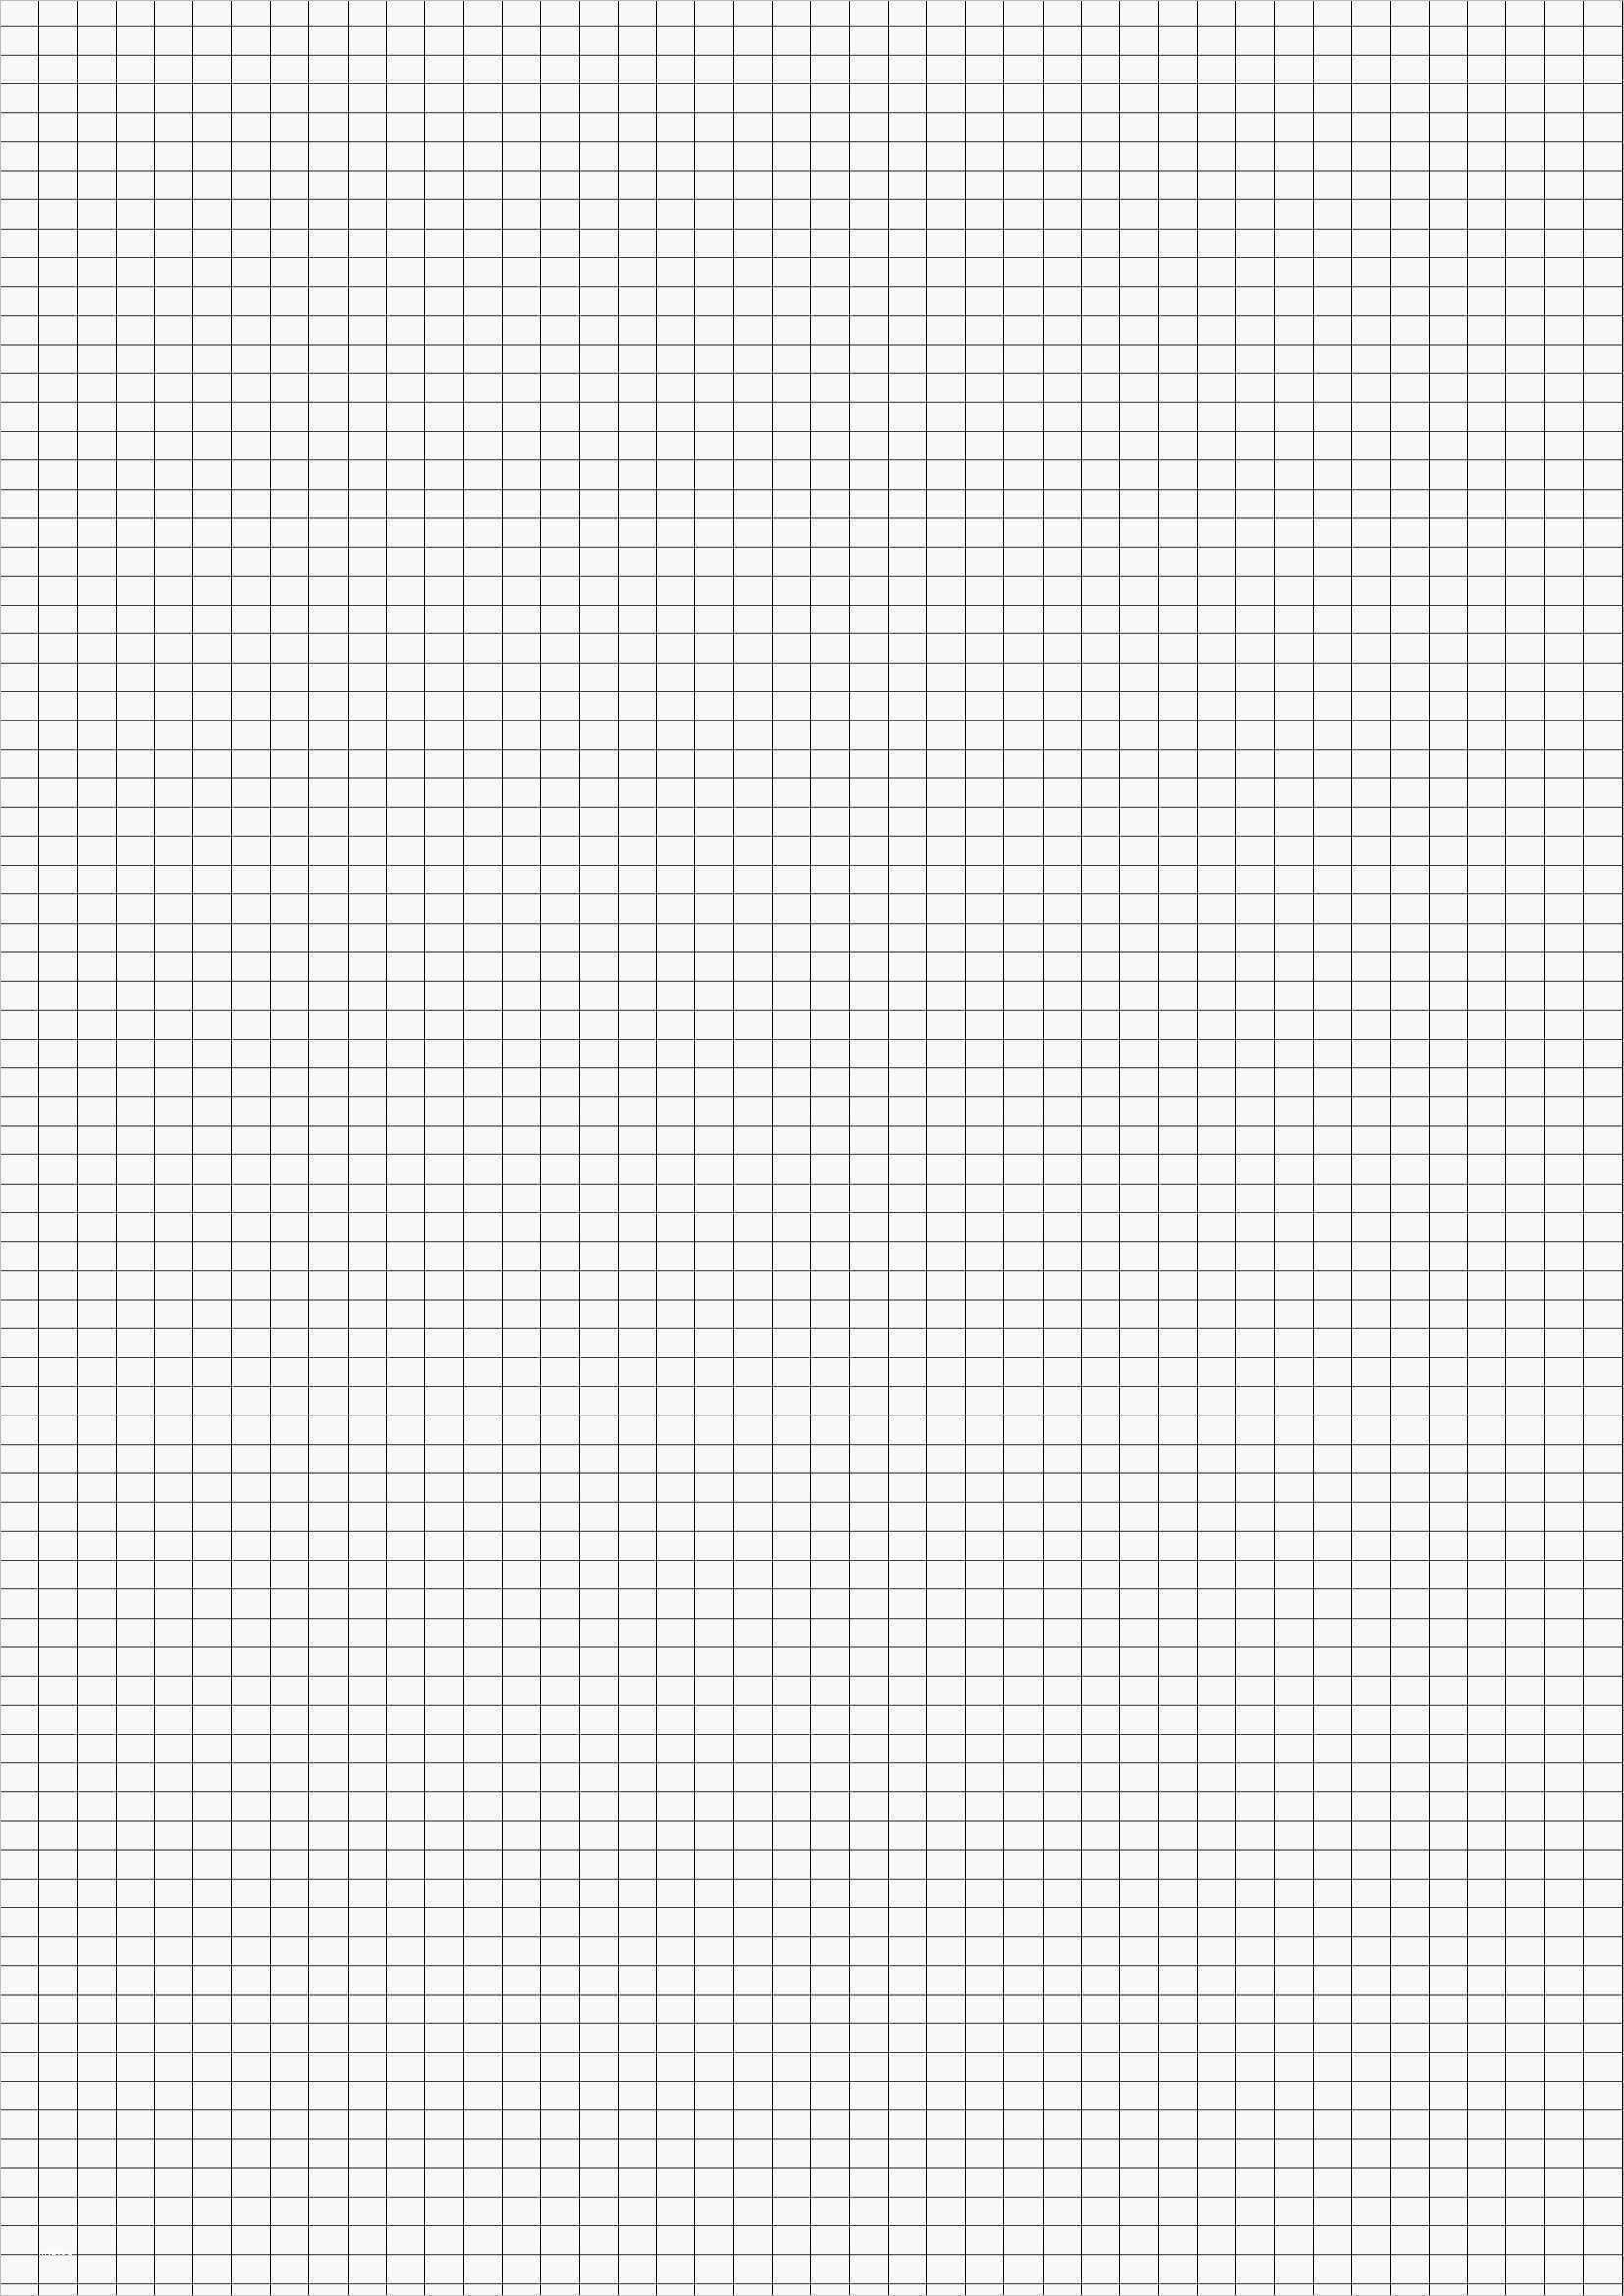 Neu Din A4 Kariert Vorlage Pdf Malvorlagen Malvorlagenfurkinder Malvorlagenfurerwachsene Vorlagen Malvorlagen Kariertes Papier